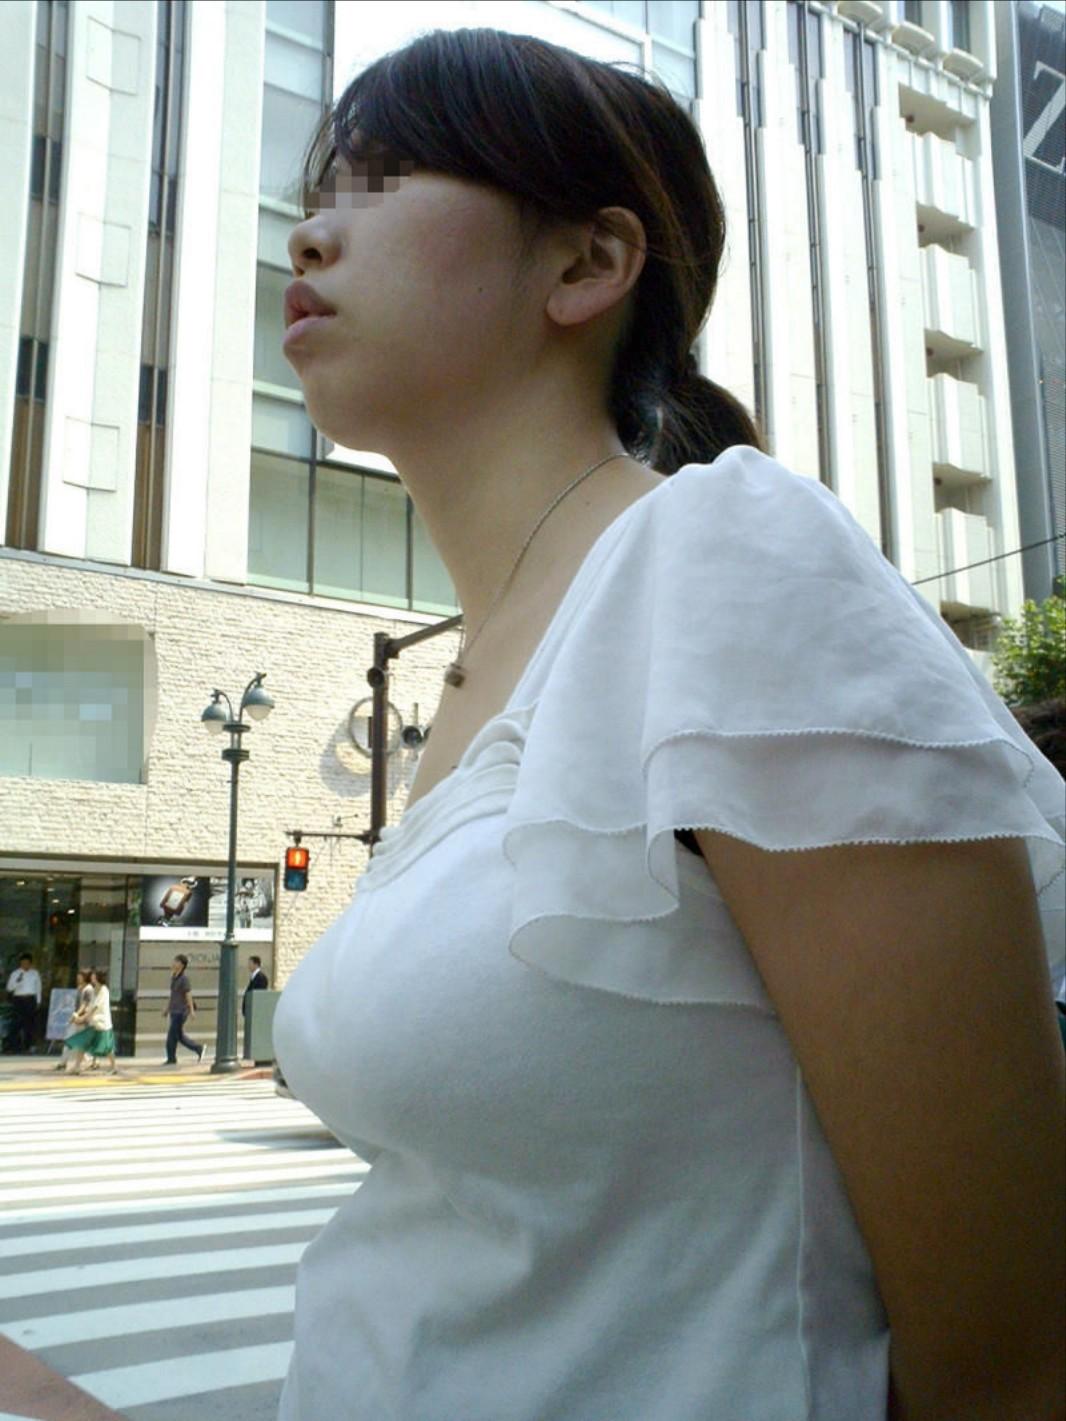 【着衣巨乳エロ画像】デカすぎて隠せない着衣巨乳www街で見かけたインパクト大な素人女子の乳袋  07